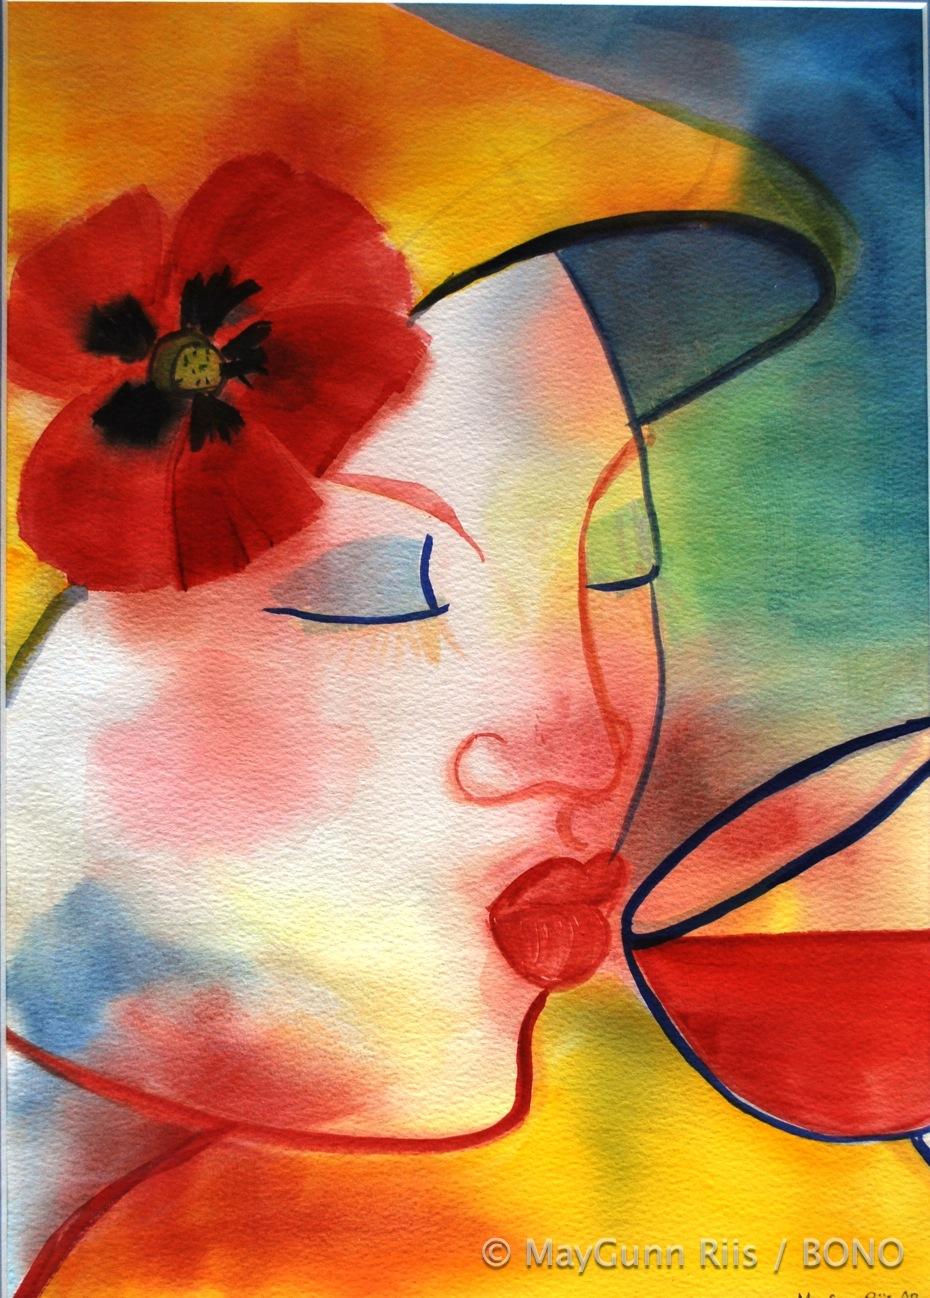 vin og gul hatt